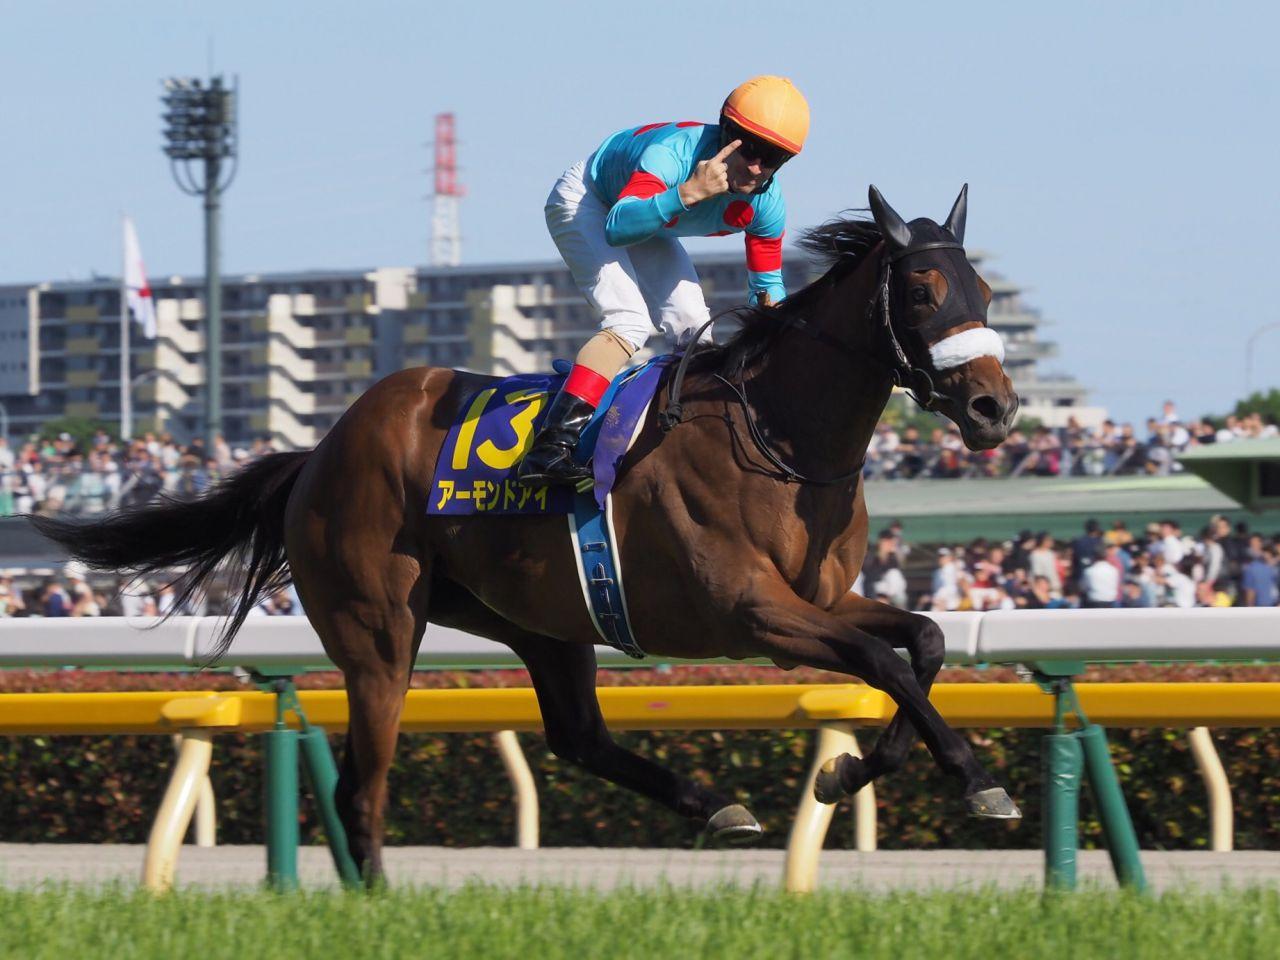 【秋華賞】登録馬と見どころ アーモンドアイ3冠達成なるか